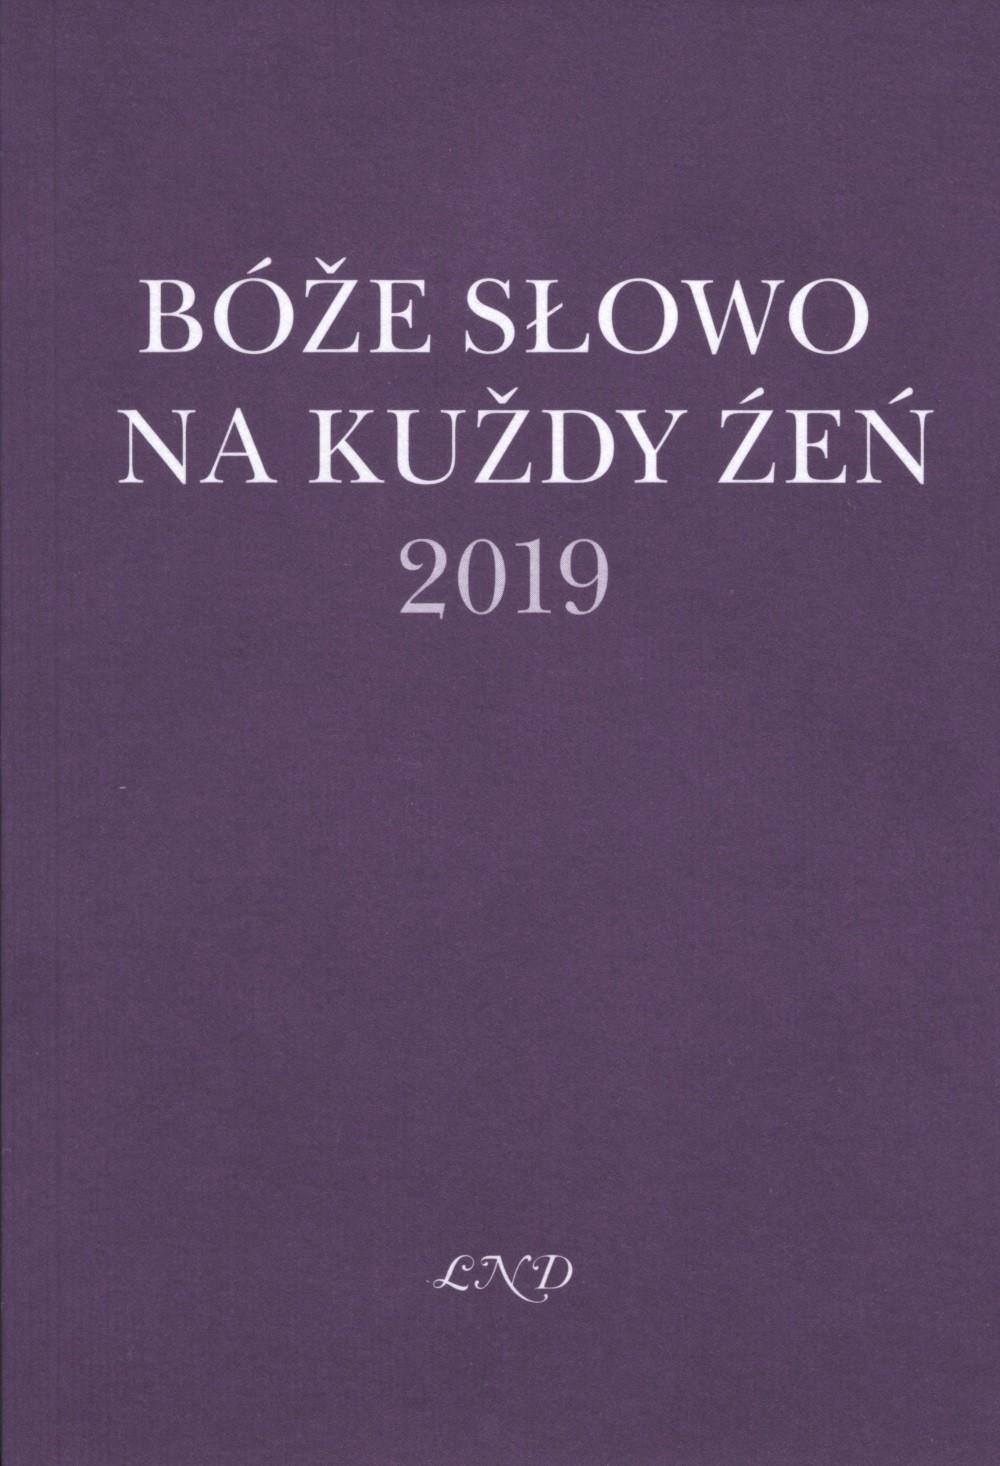 Bóže słowo na kuždy źeń 2019